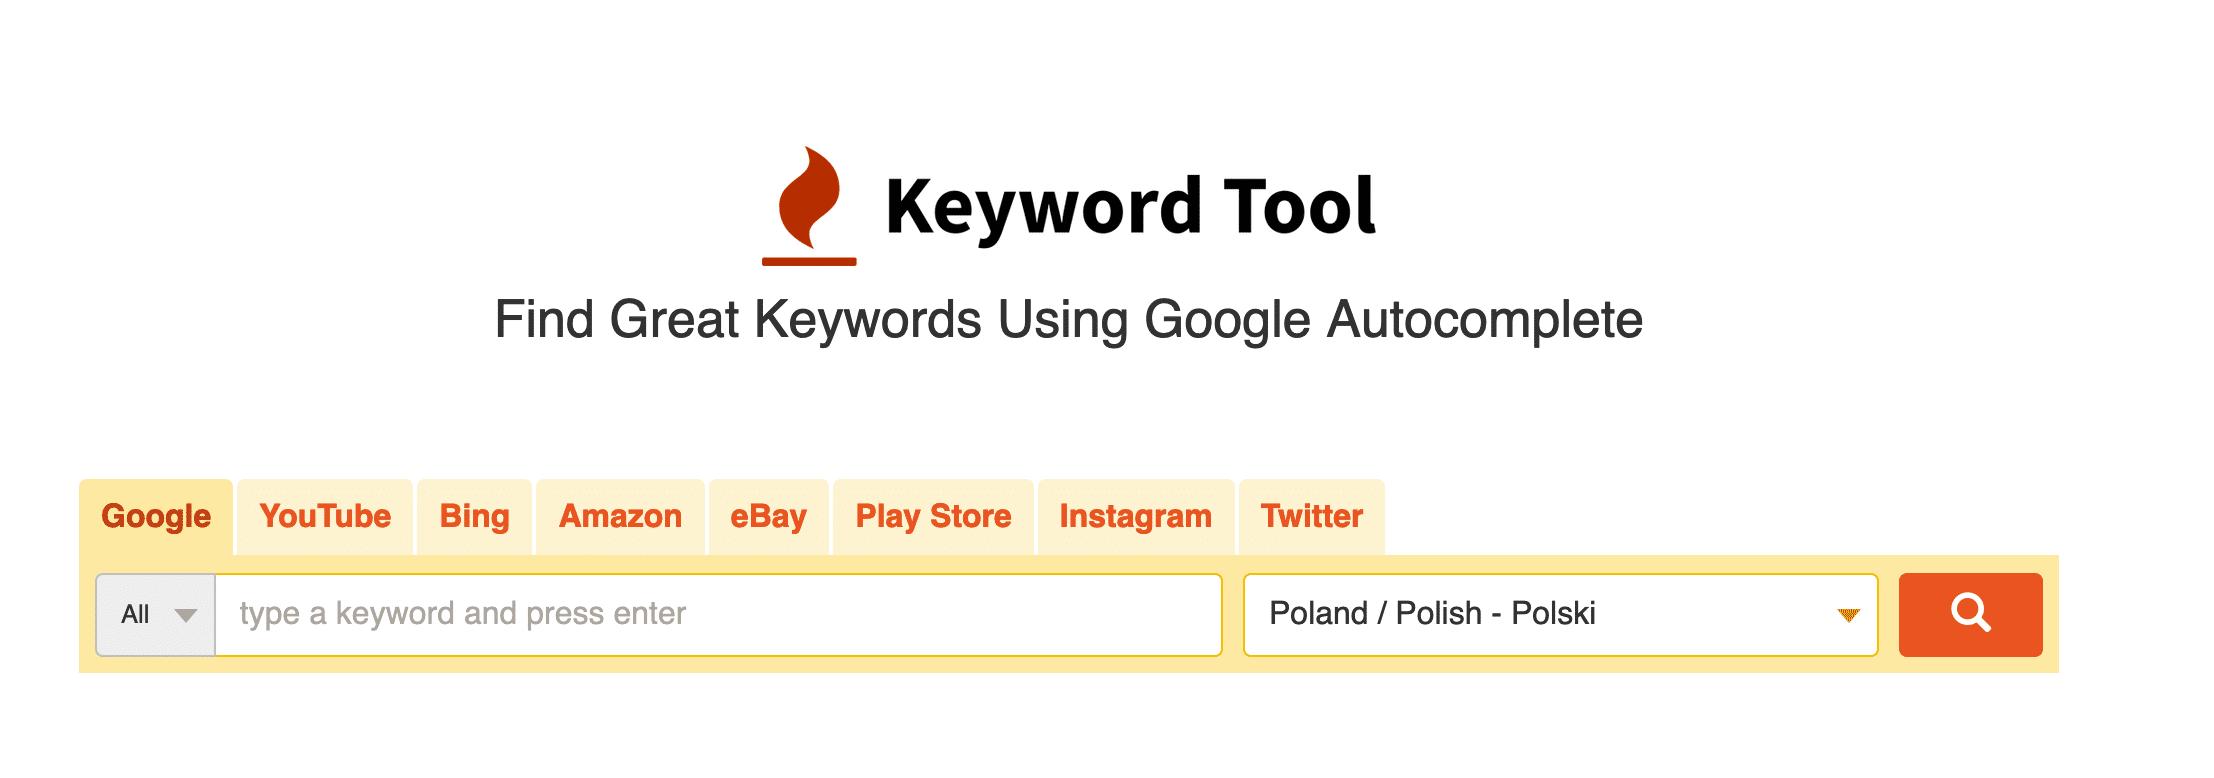 Analiza Słów Kluczowych w keywordtool.io